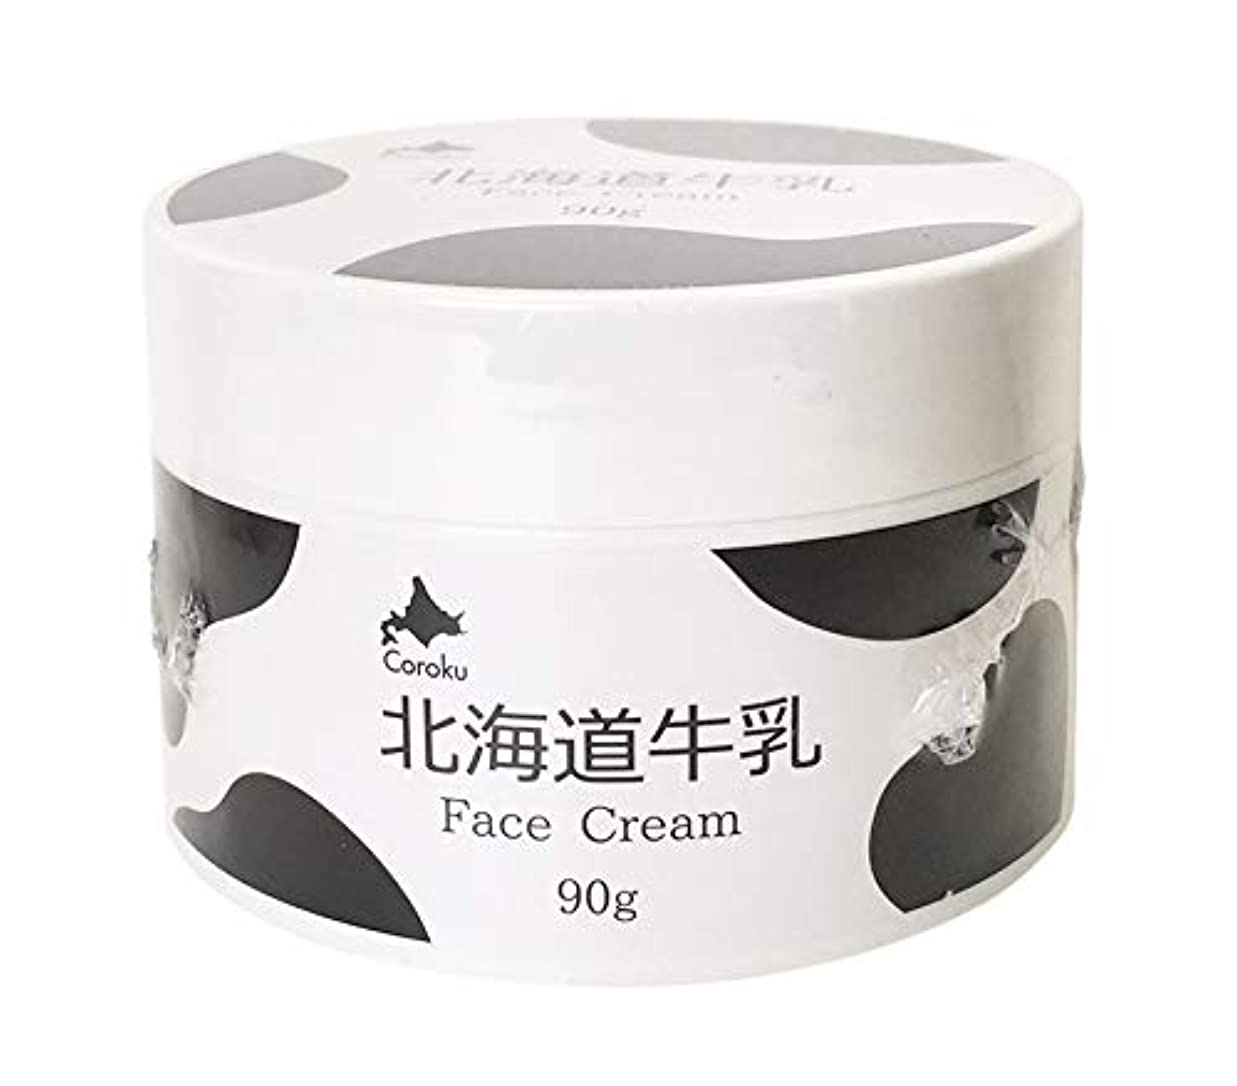 楽しい将来の金貸し北海道牛乳 フェイスクリーム FACE CREAM 90g